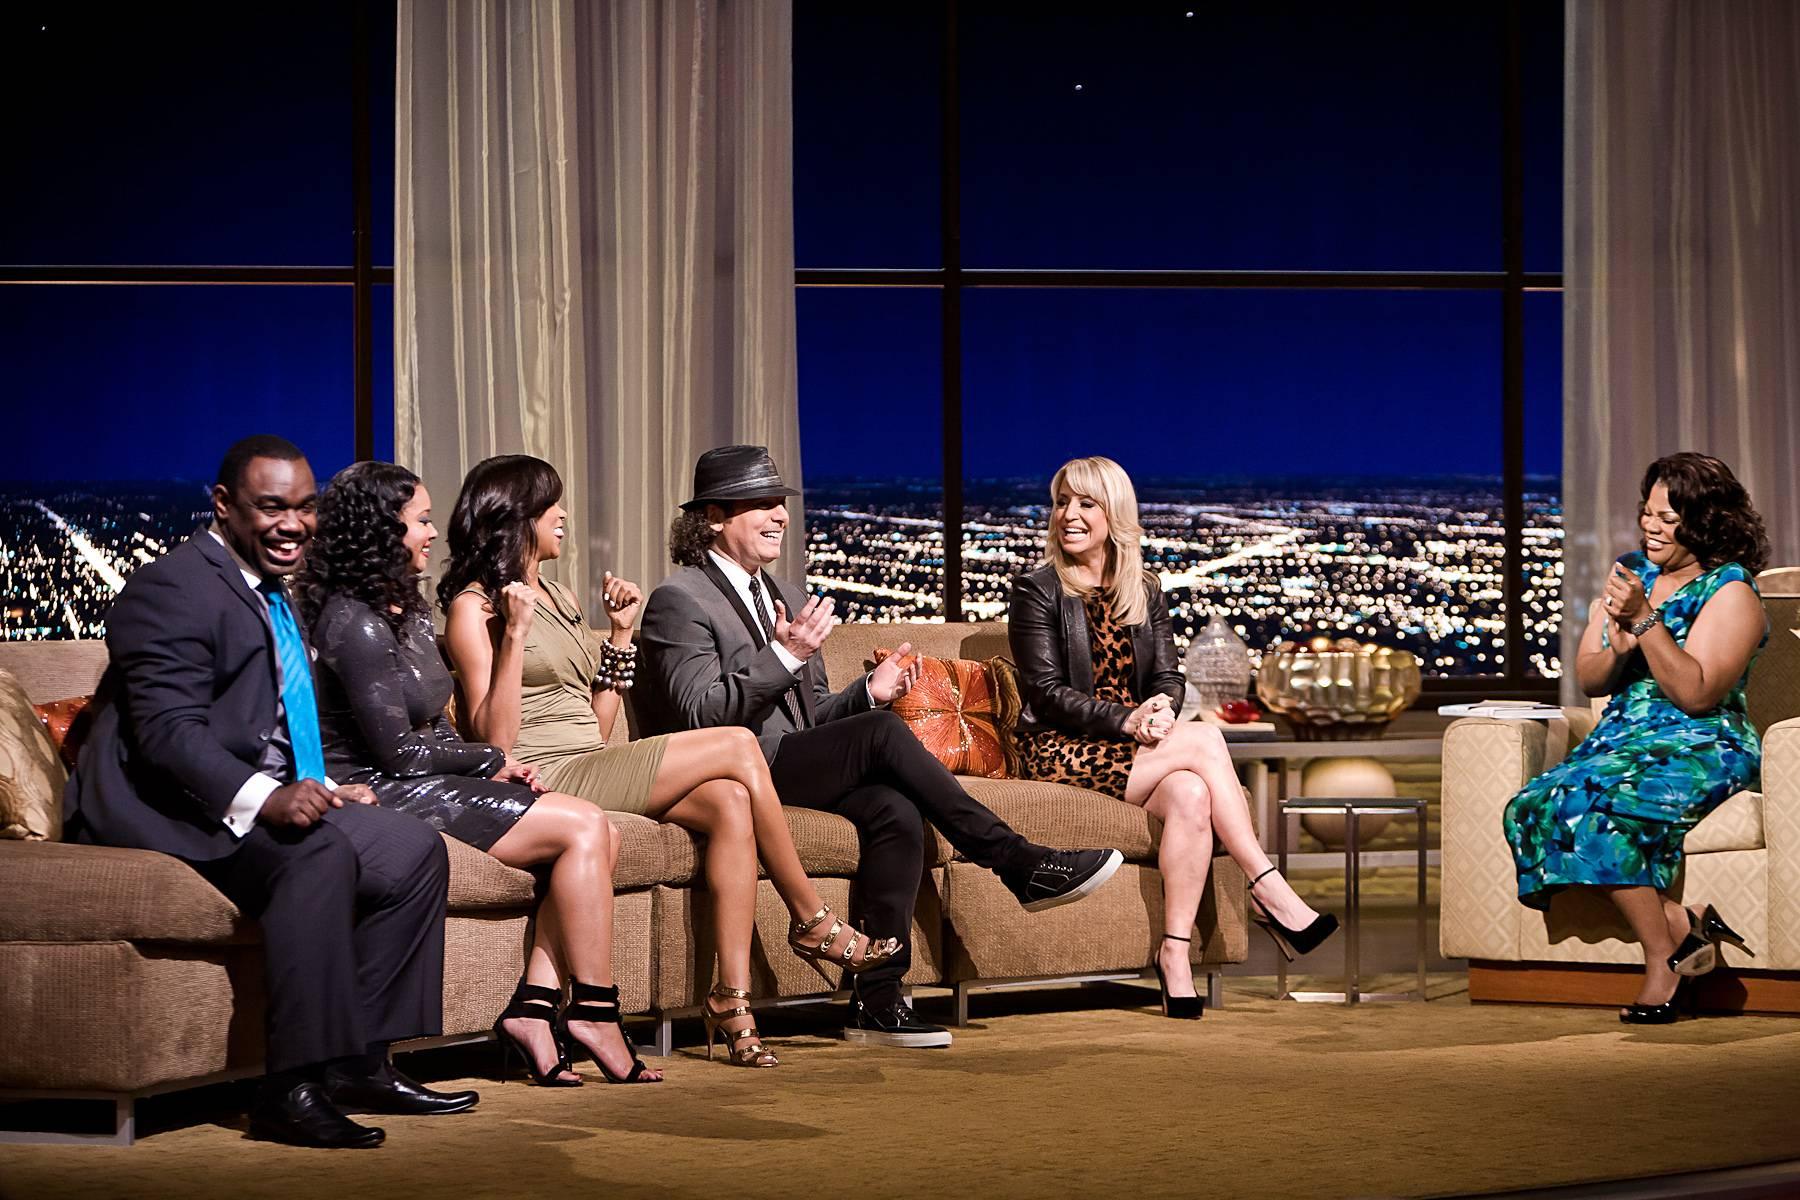 /content/dam/betcom/images/2011/06/Shows/monique/062211-shows-the-monique-show-4.jpg